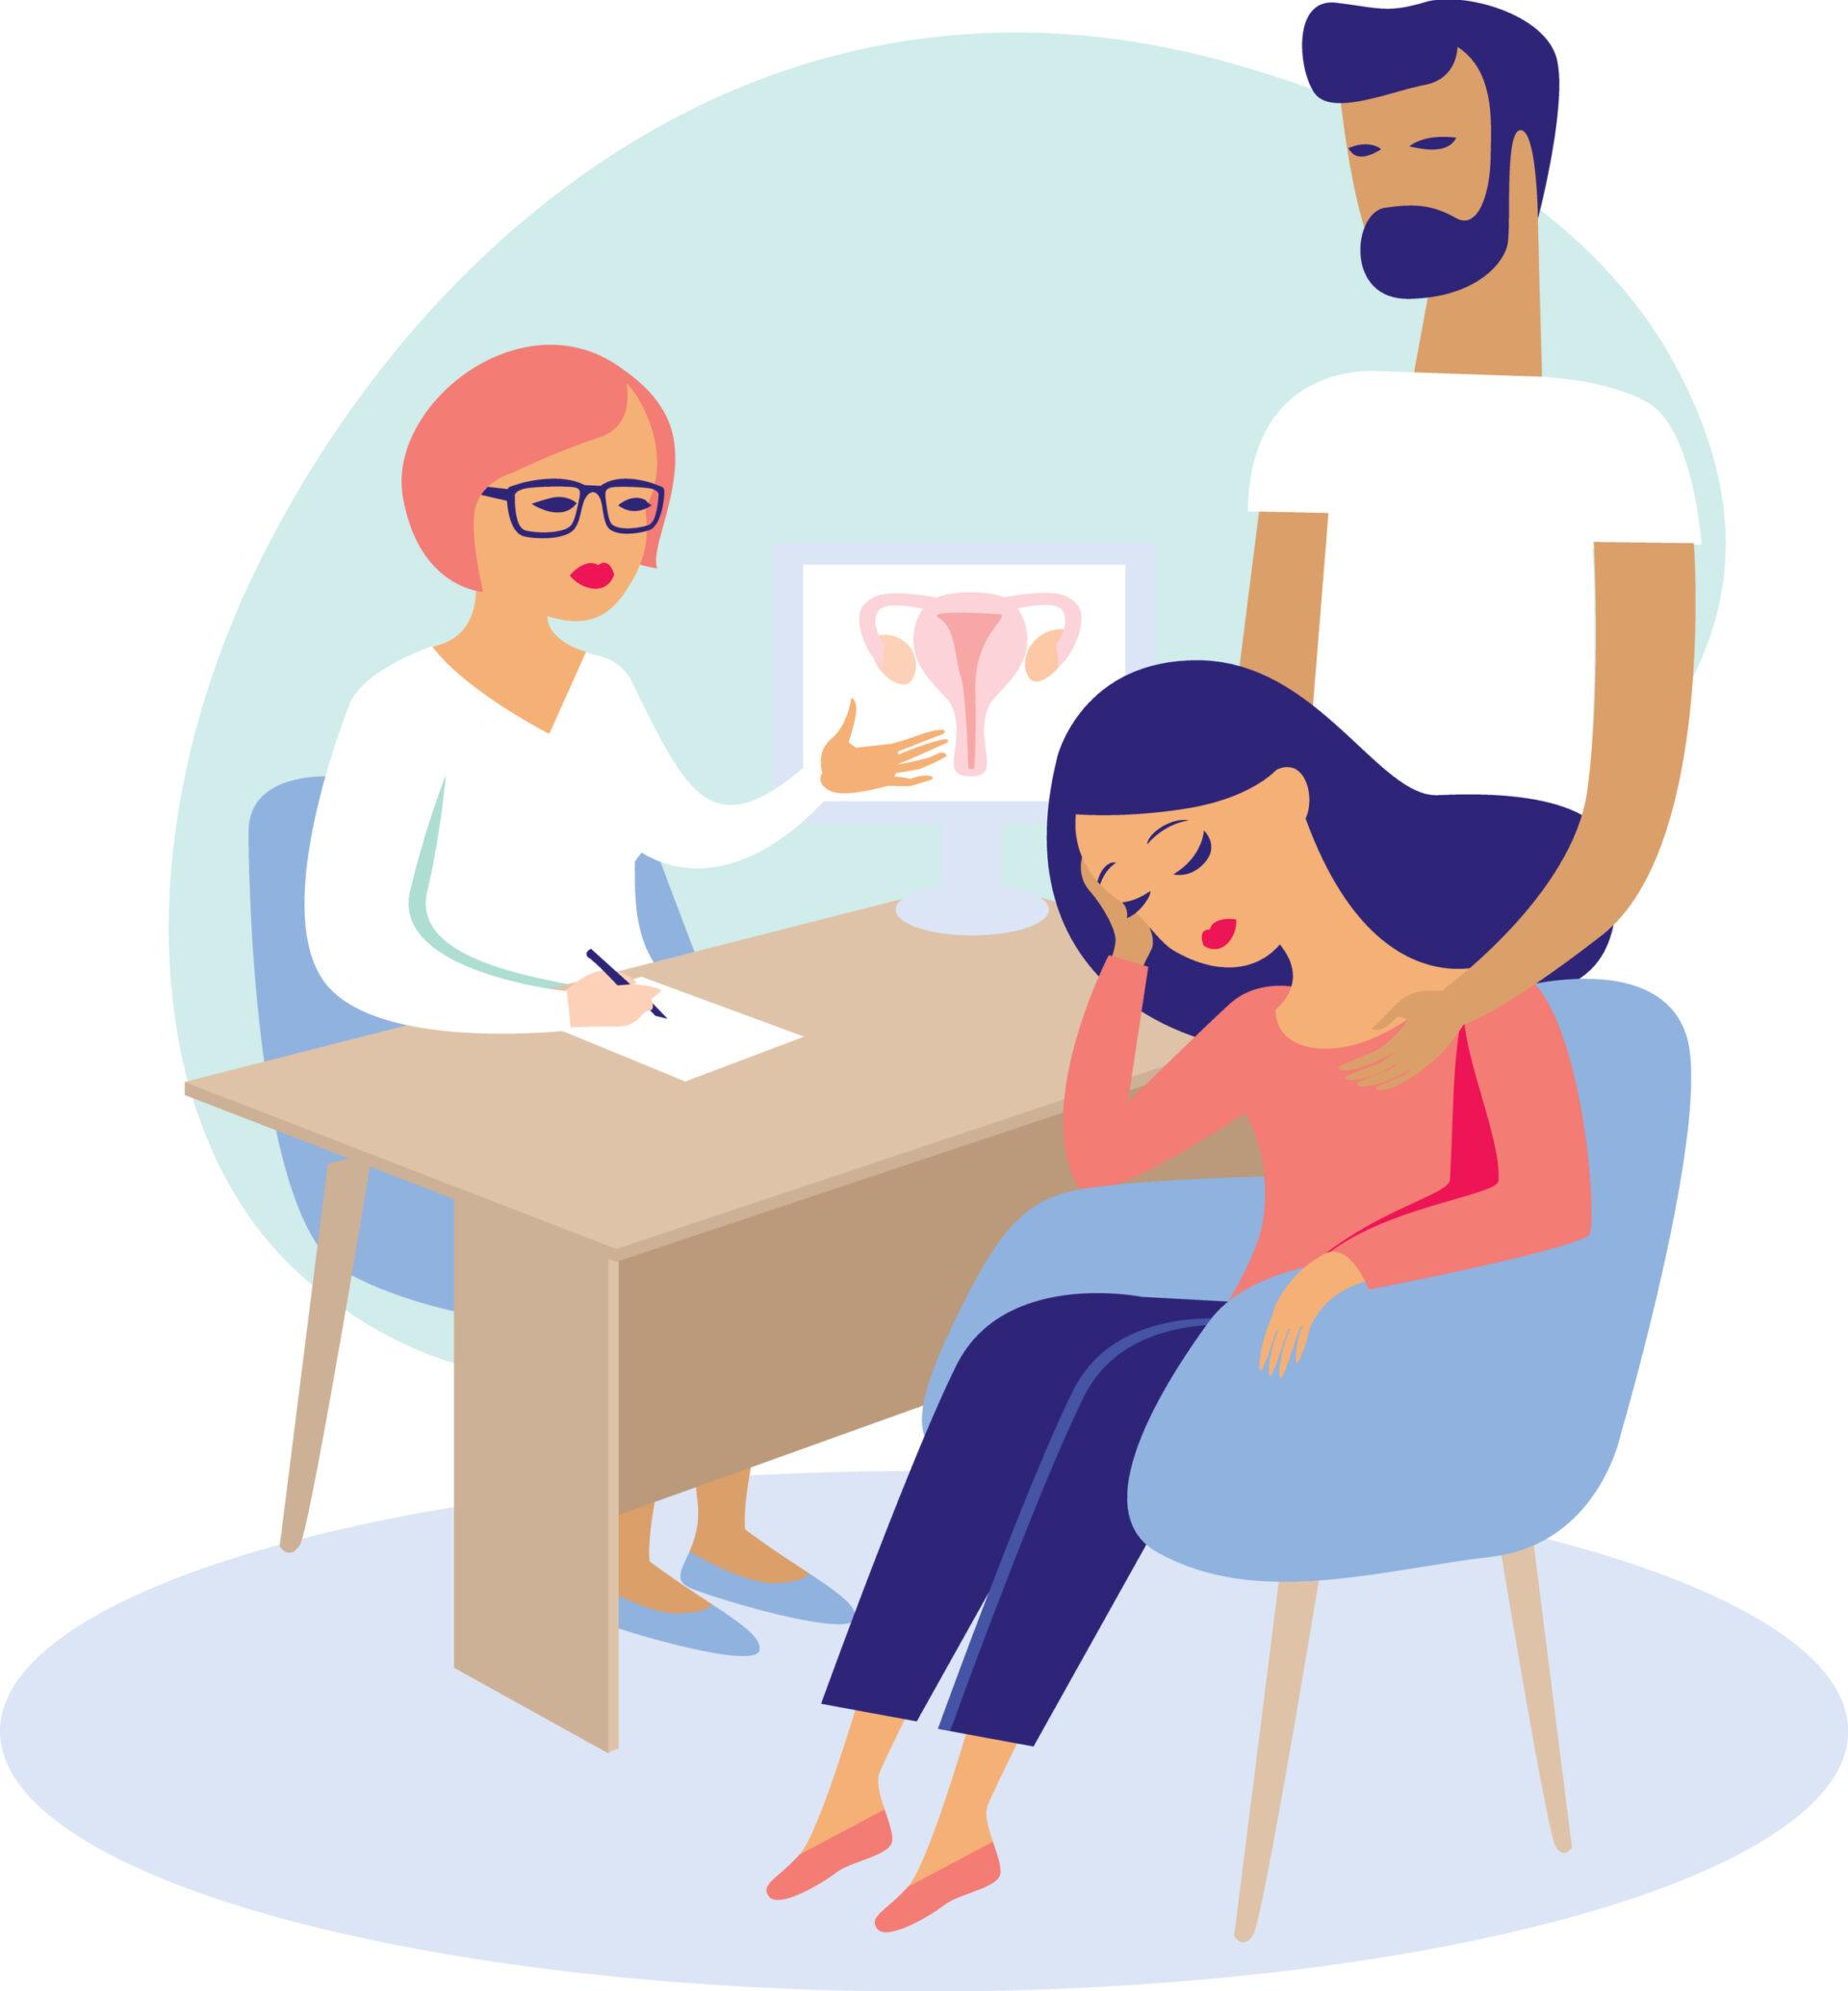 Boli care duc la infertilitate pot fi multe, atât la femei, cât și la bărbați. Consultul la medic specializat este esențial